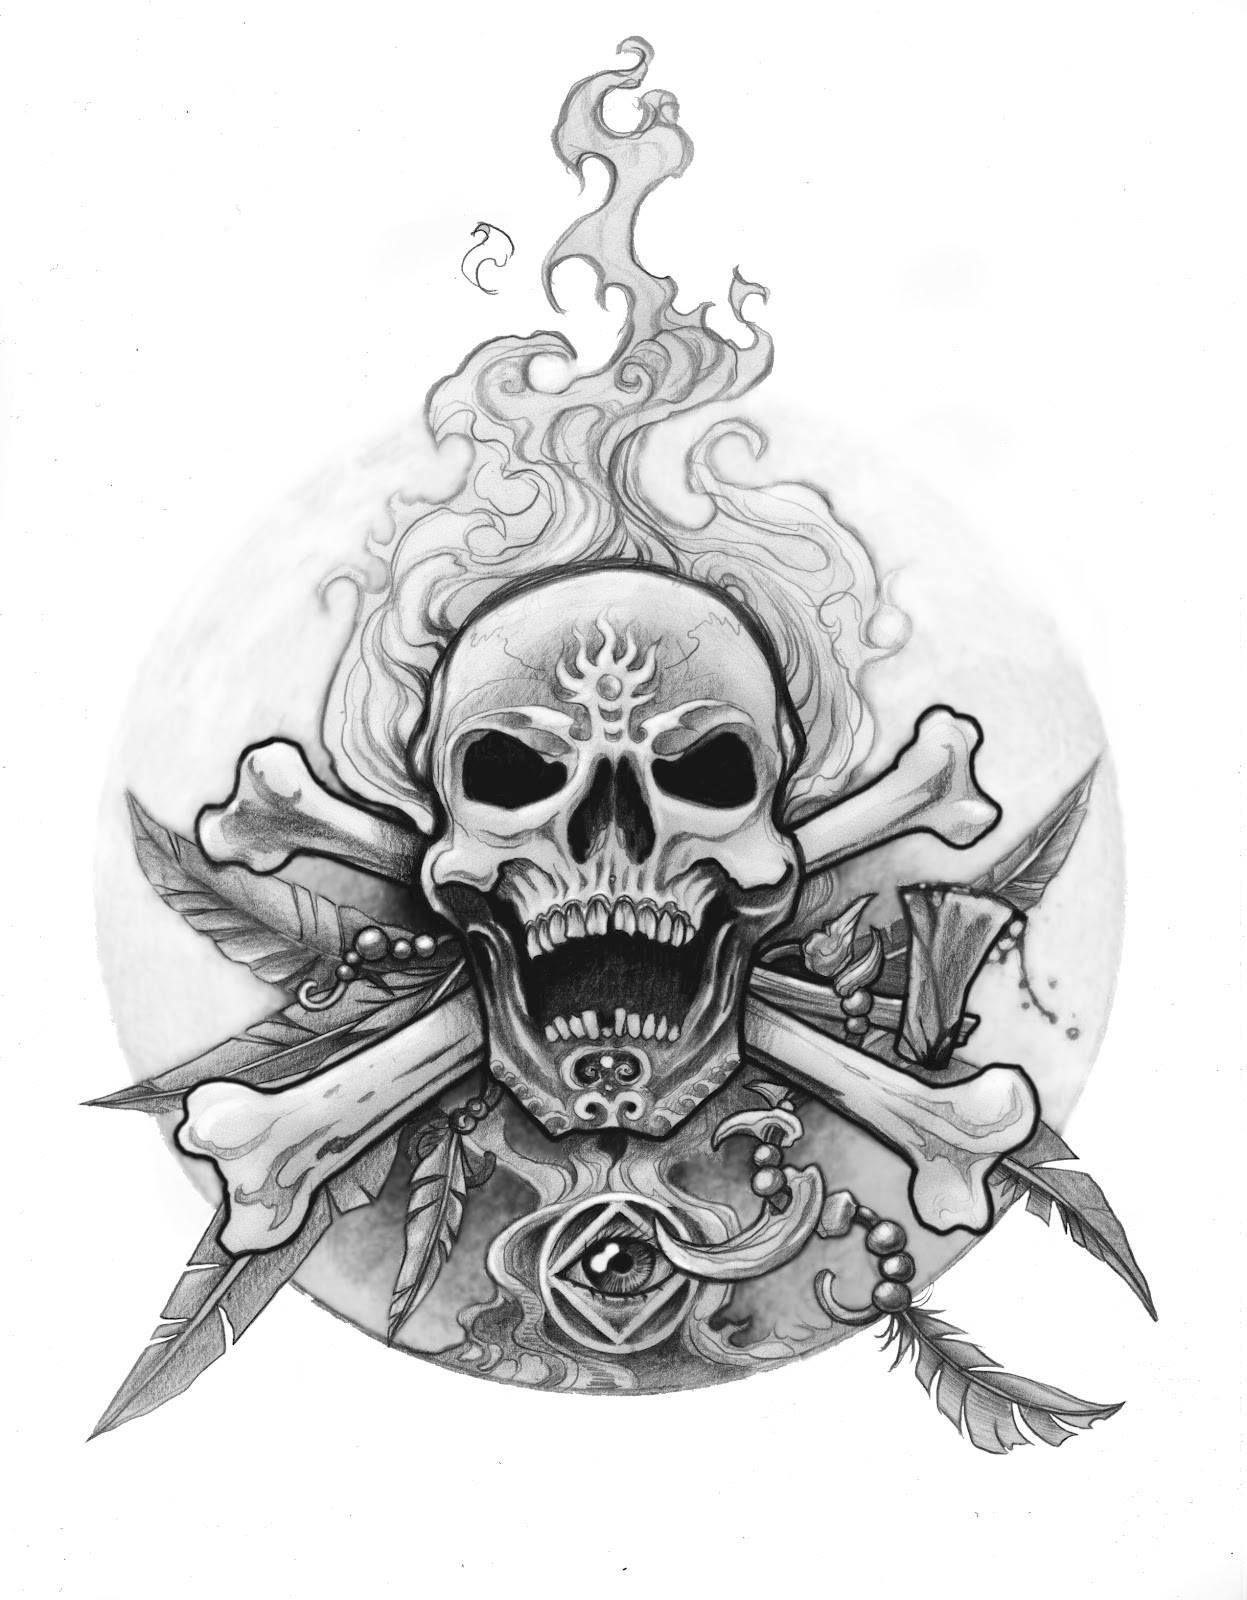 fd37c472feb0 Old Traditional Tattoo, Tattoo Designs, Tattoo Ideas, Skull Sketch, 1st  Century,